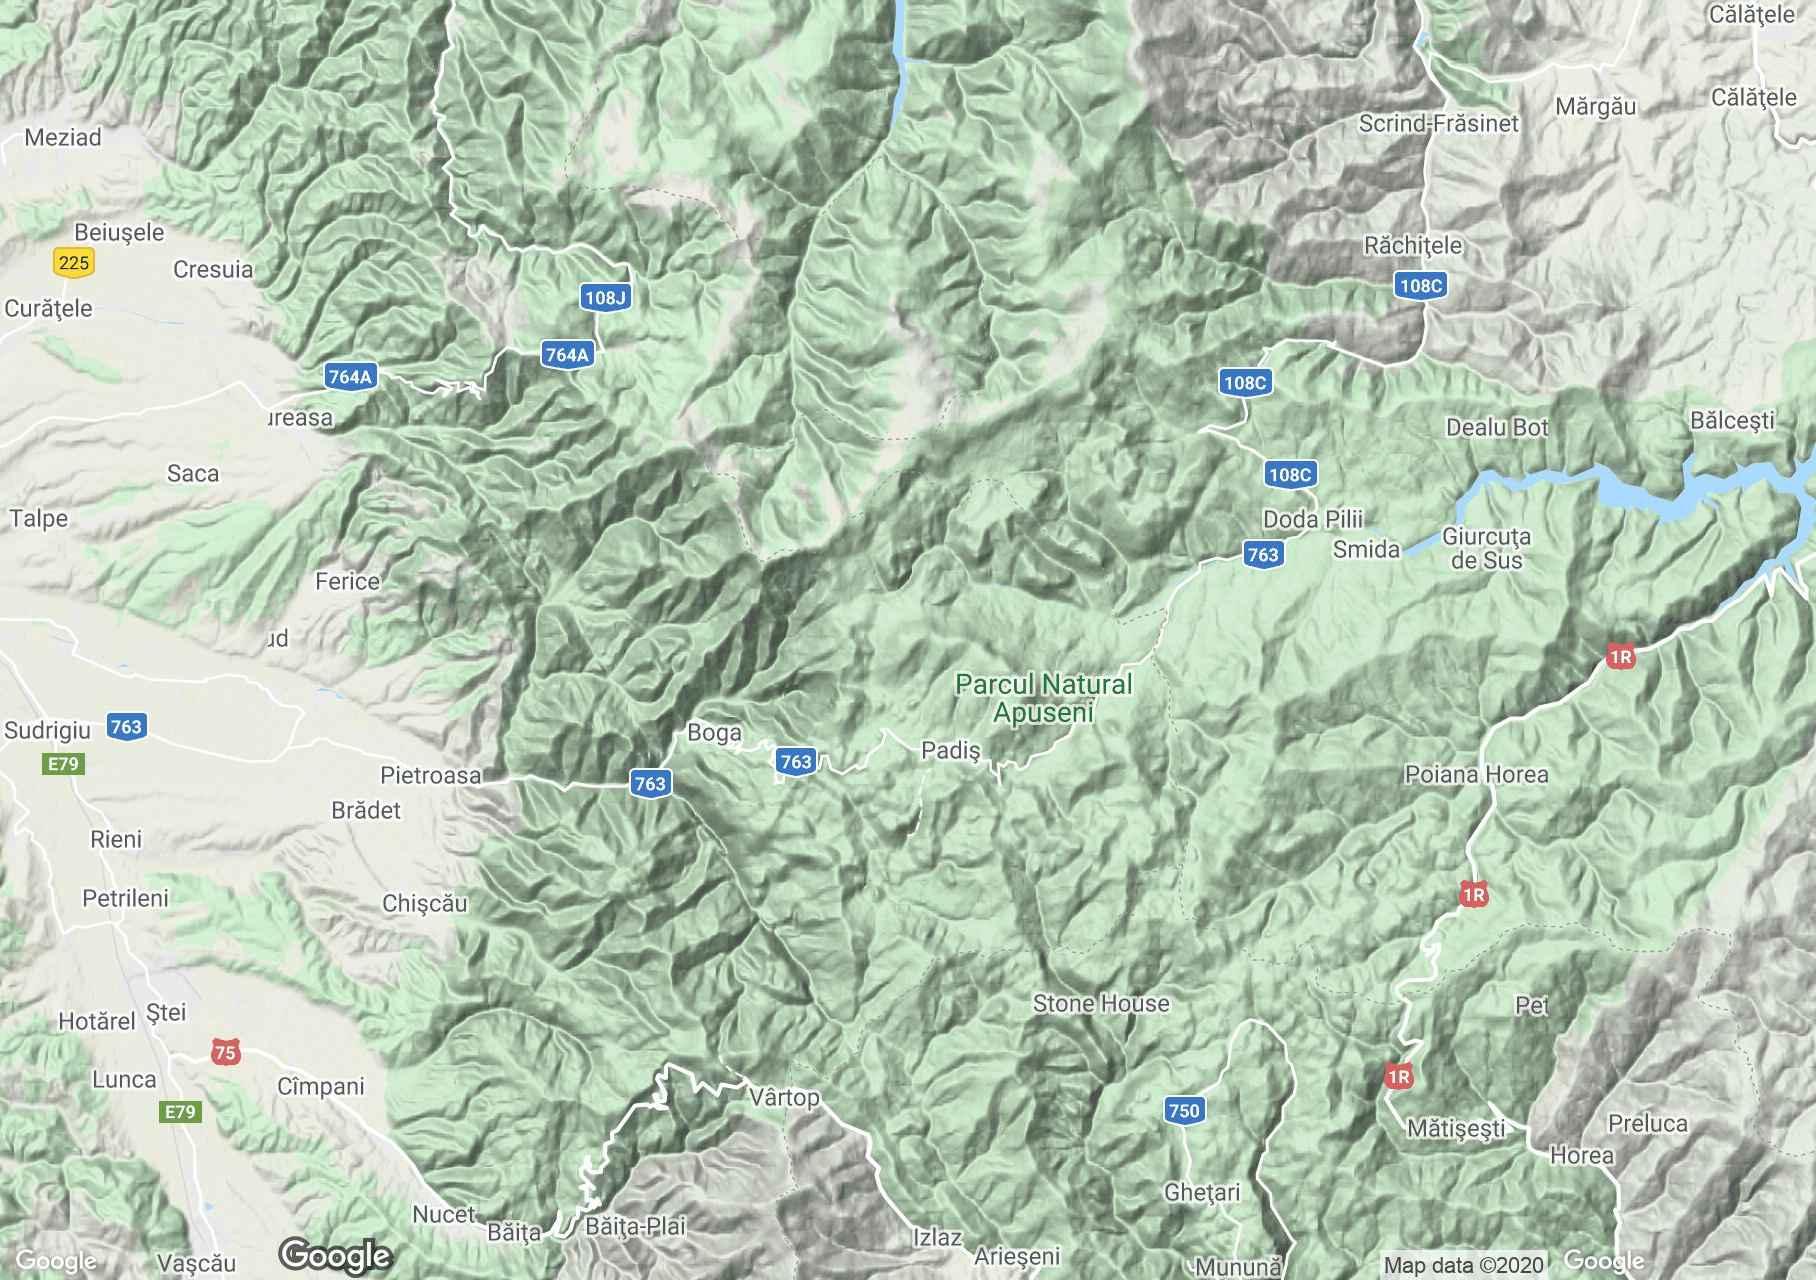 Erdélyi Szigethegység: Biharfüred-Pádis-Csodavár interaktív turista térképe.